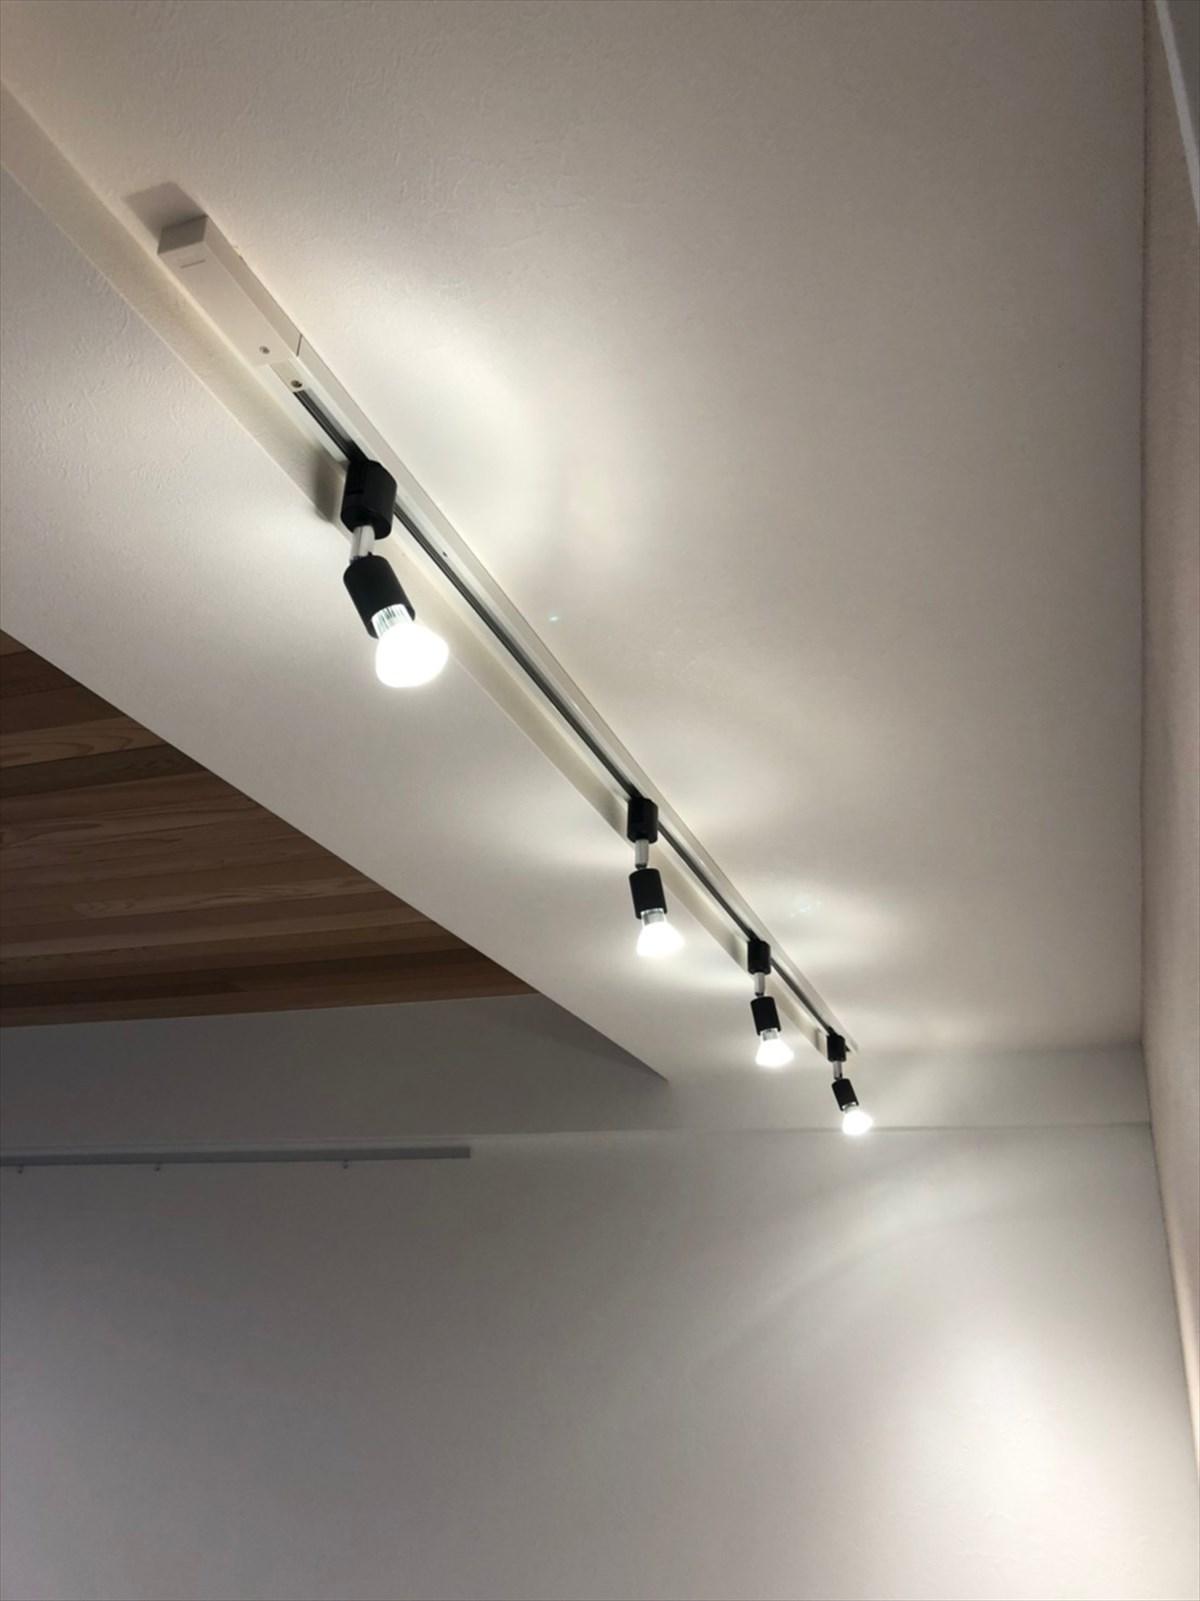 梁に設置したライティングレールとリビングの照明 リノベーション横浜